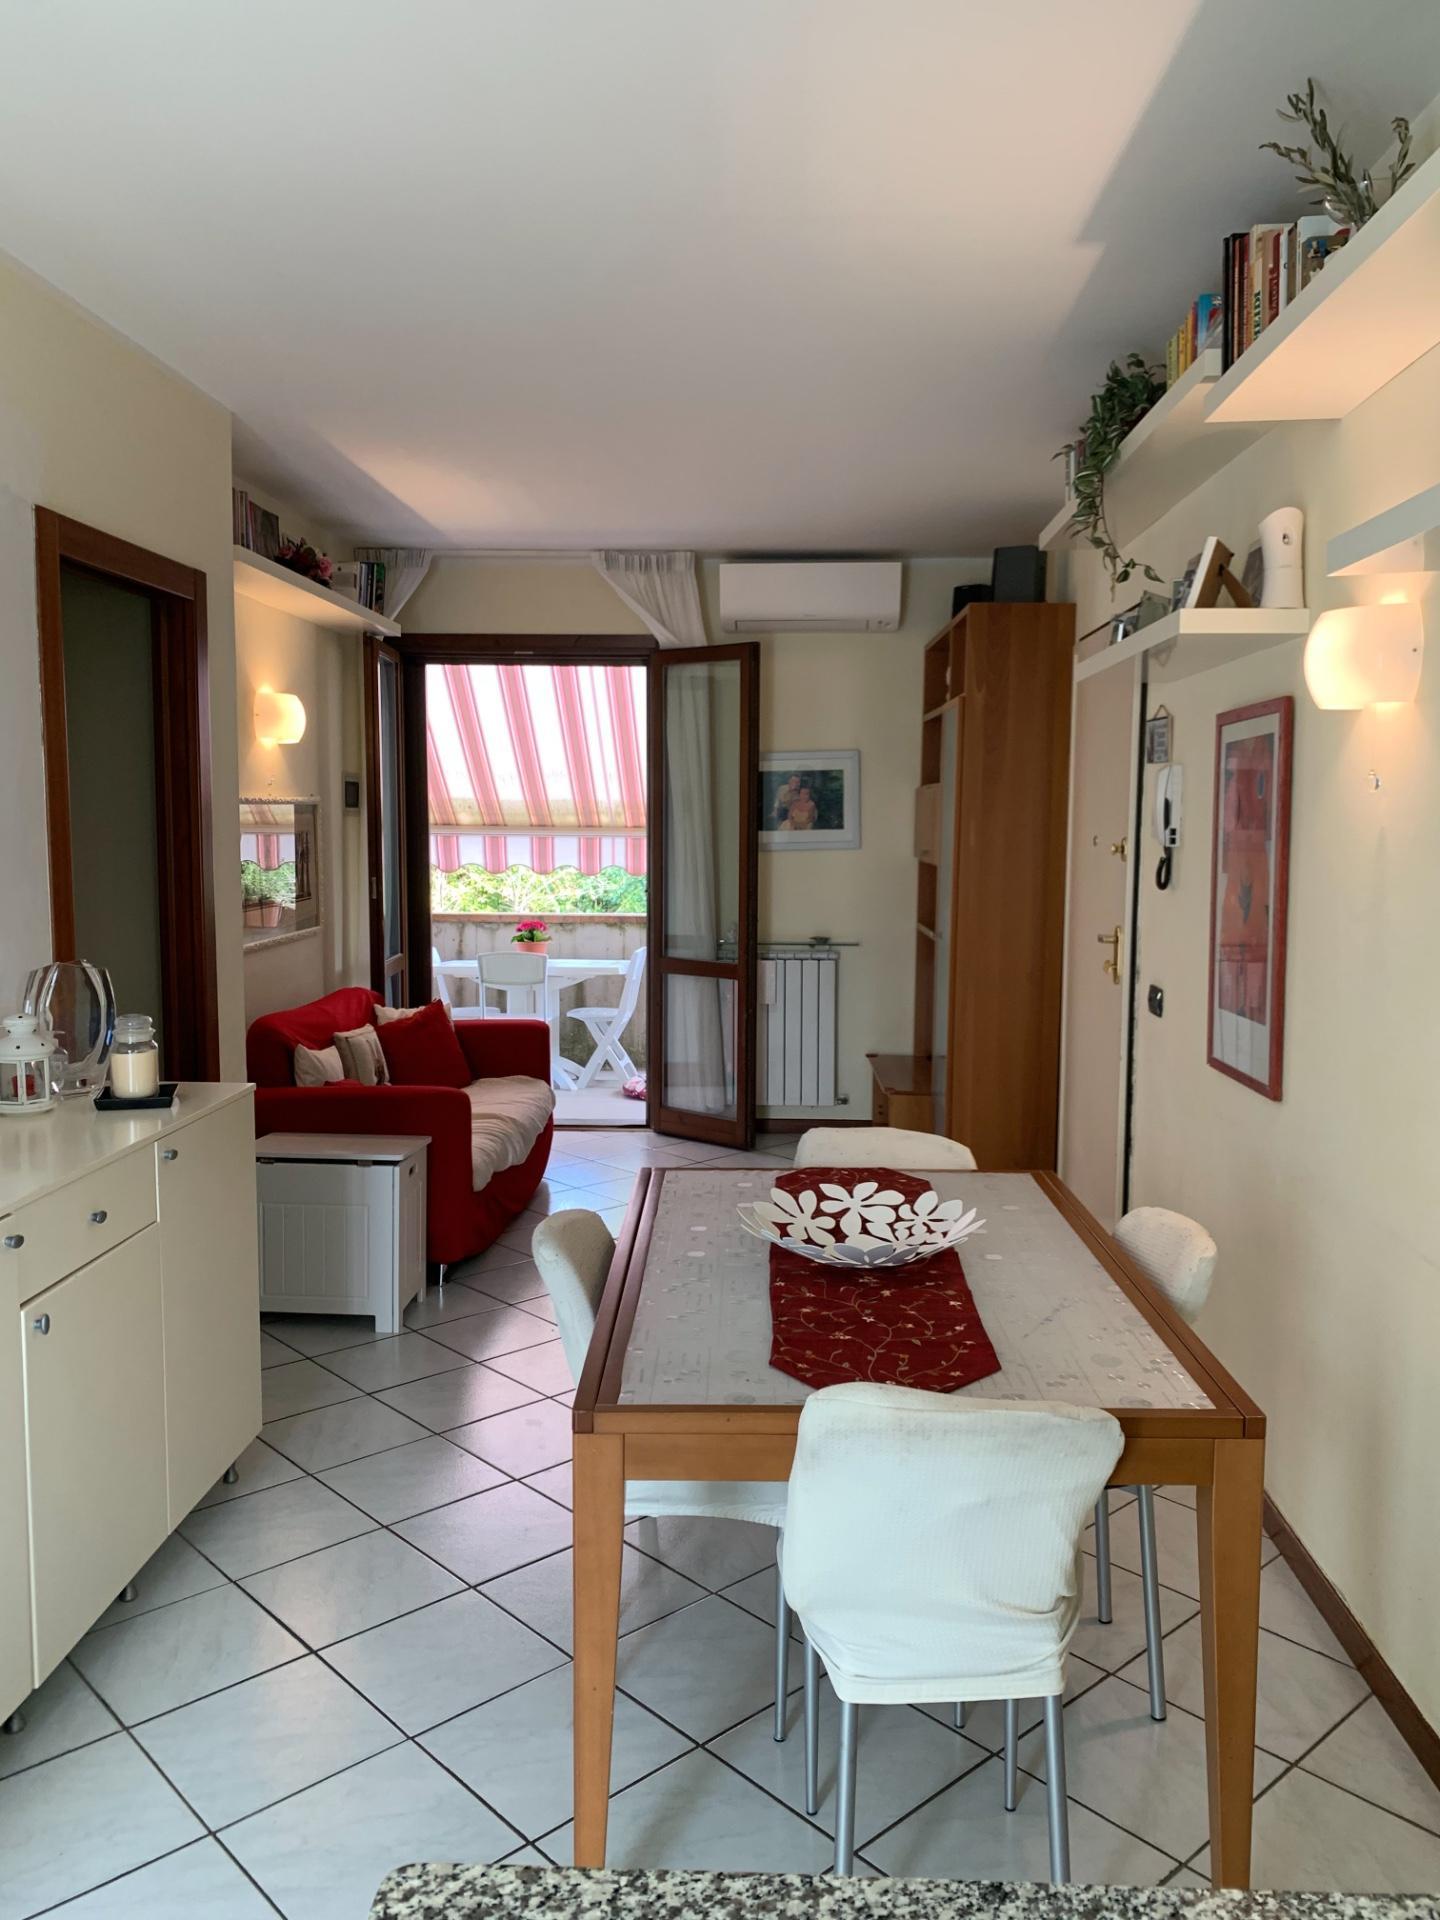 Appartamento in vendita a Spicchio, Vinci (FI)